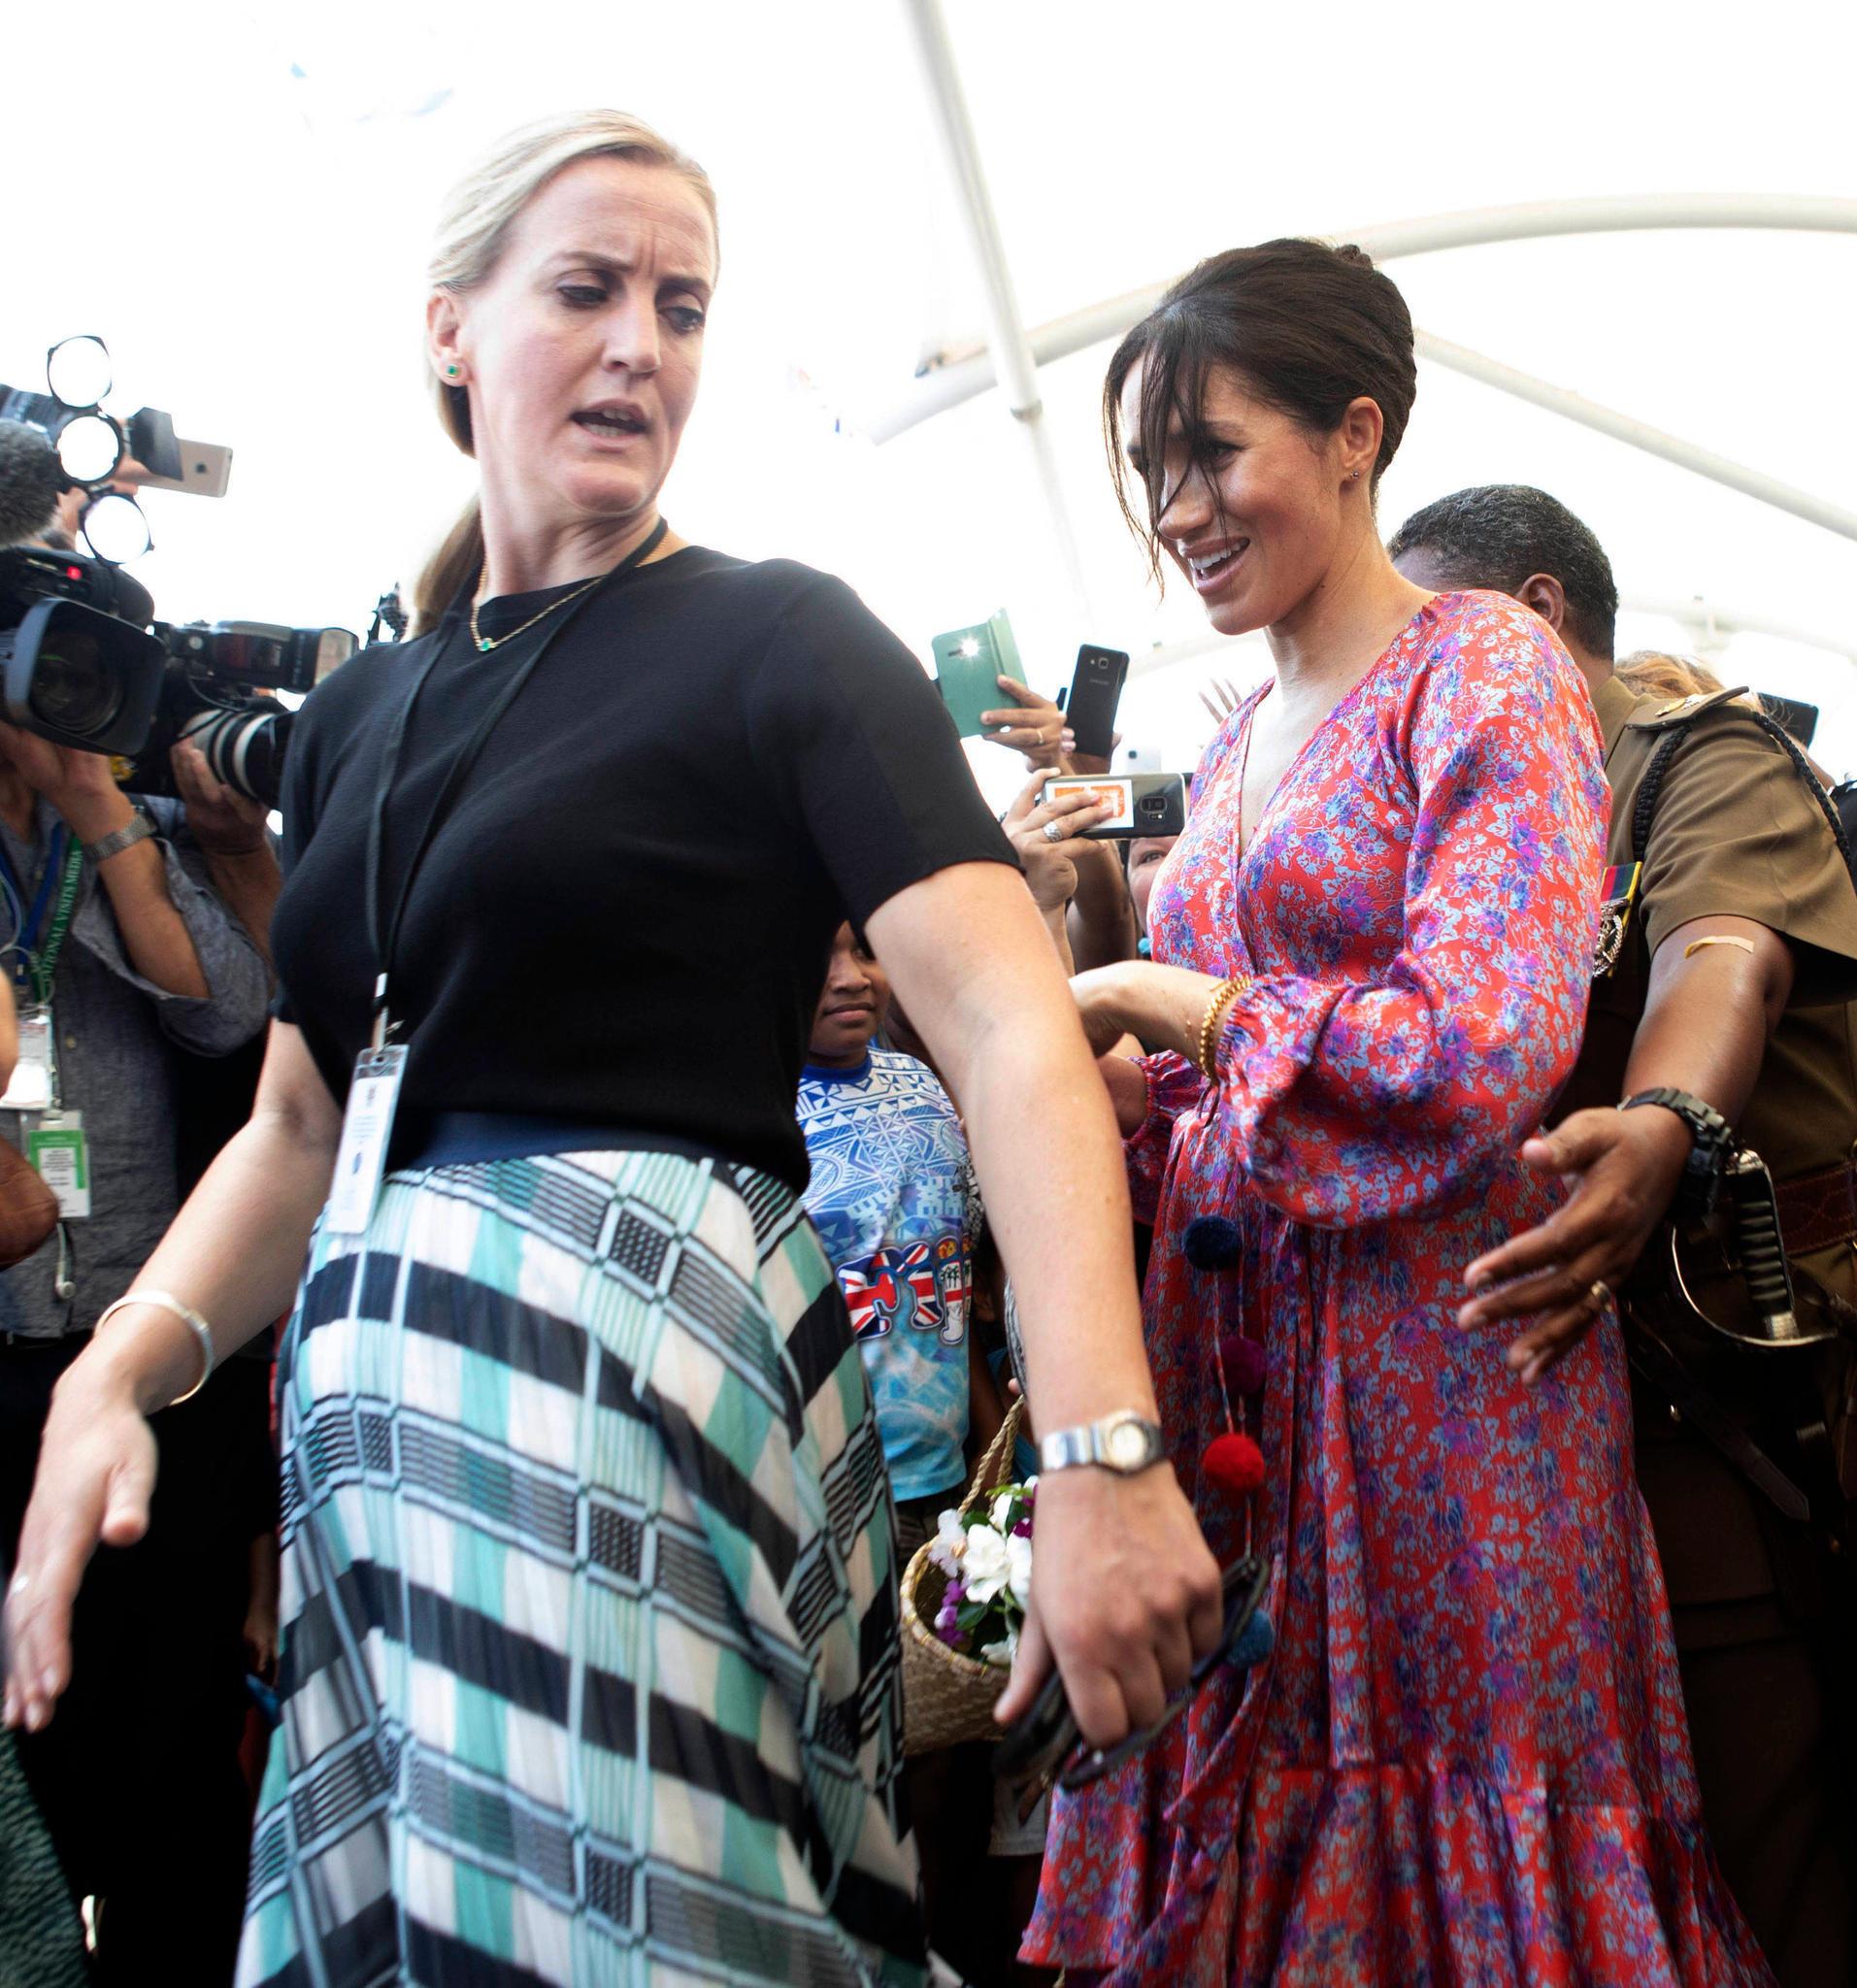 Herzogin Meghan wird von ihrer neuen Personenschützerin aus dem Gedränge eskortiert.